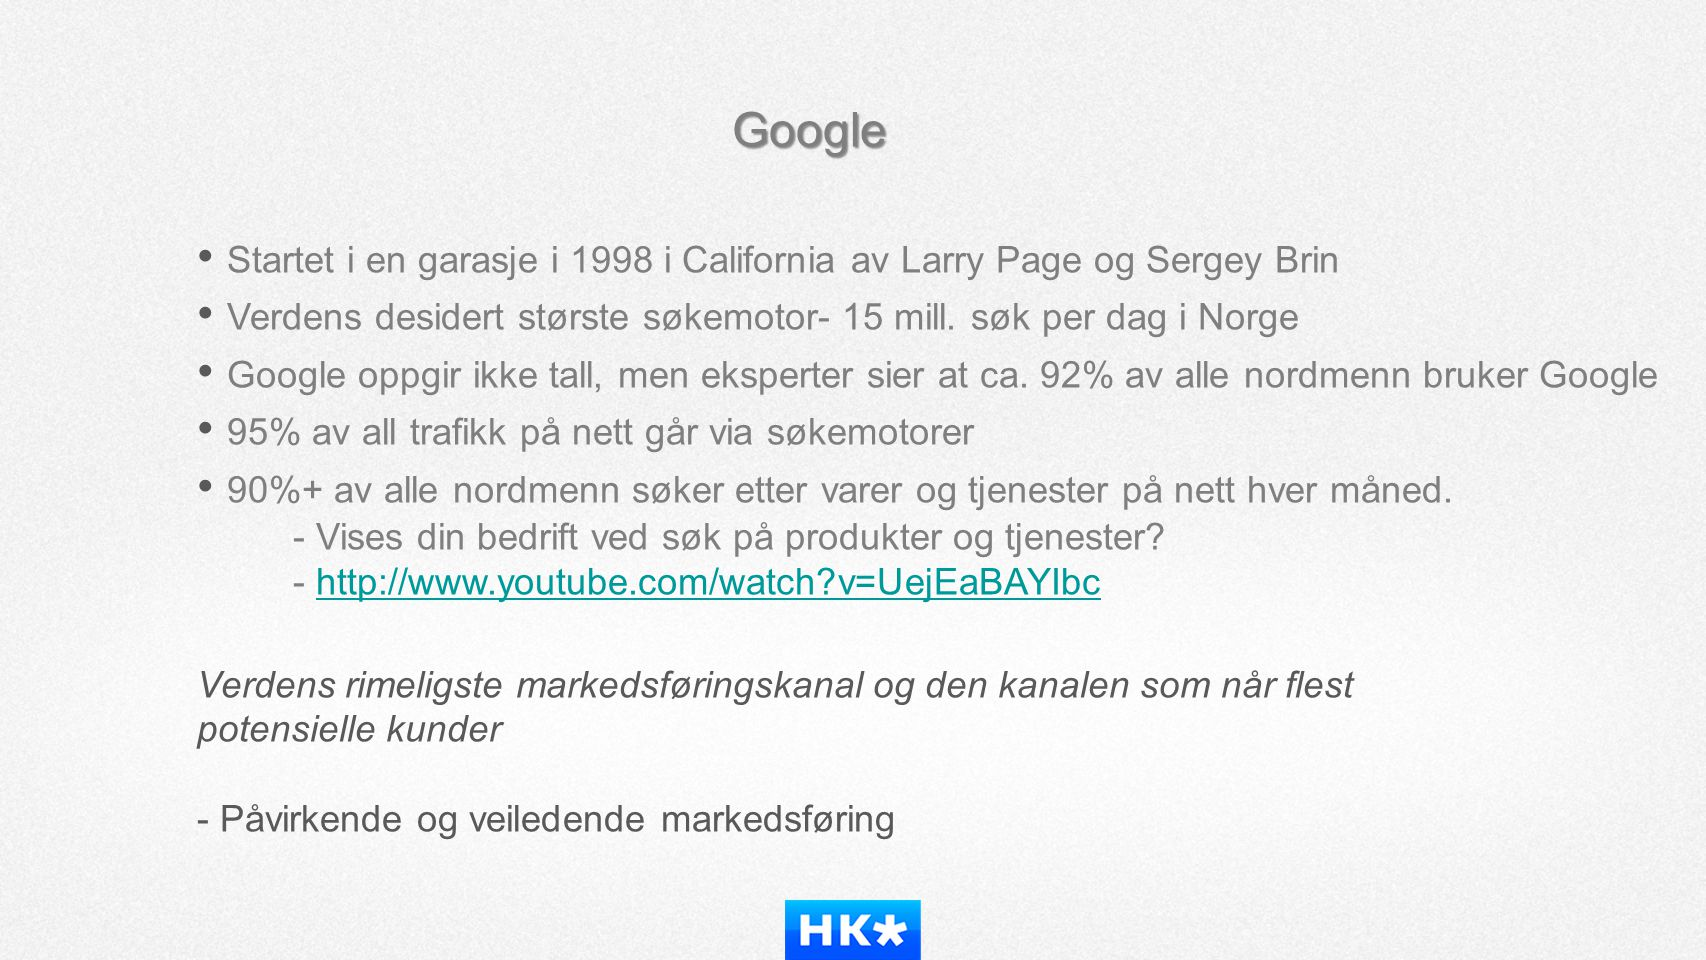 • Verdens desidert største søkemotor- 15 mill. søk per dag i Norge